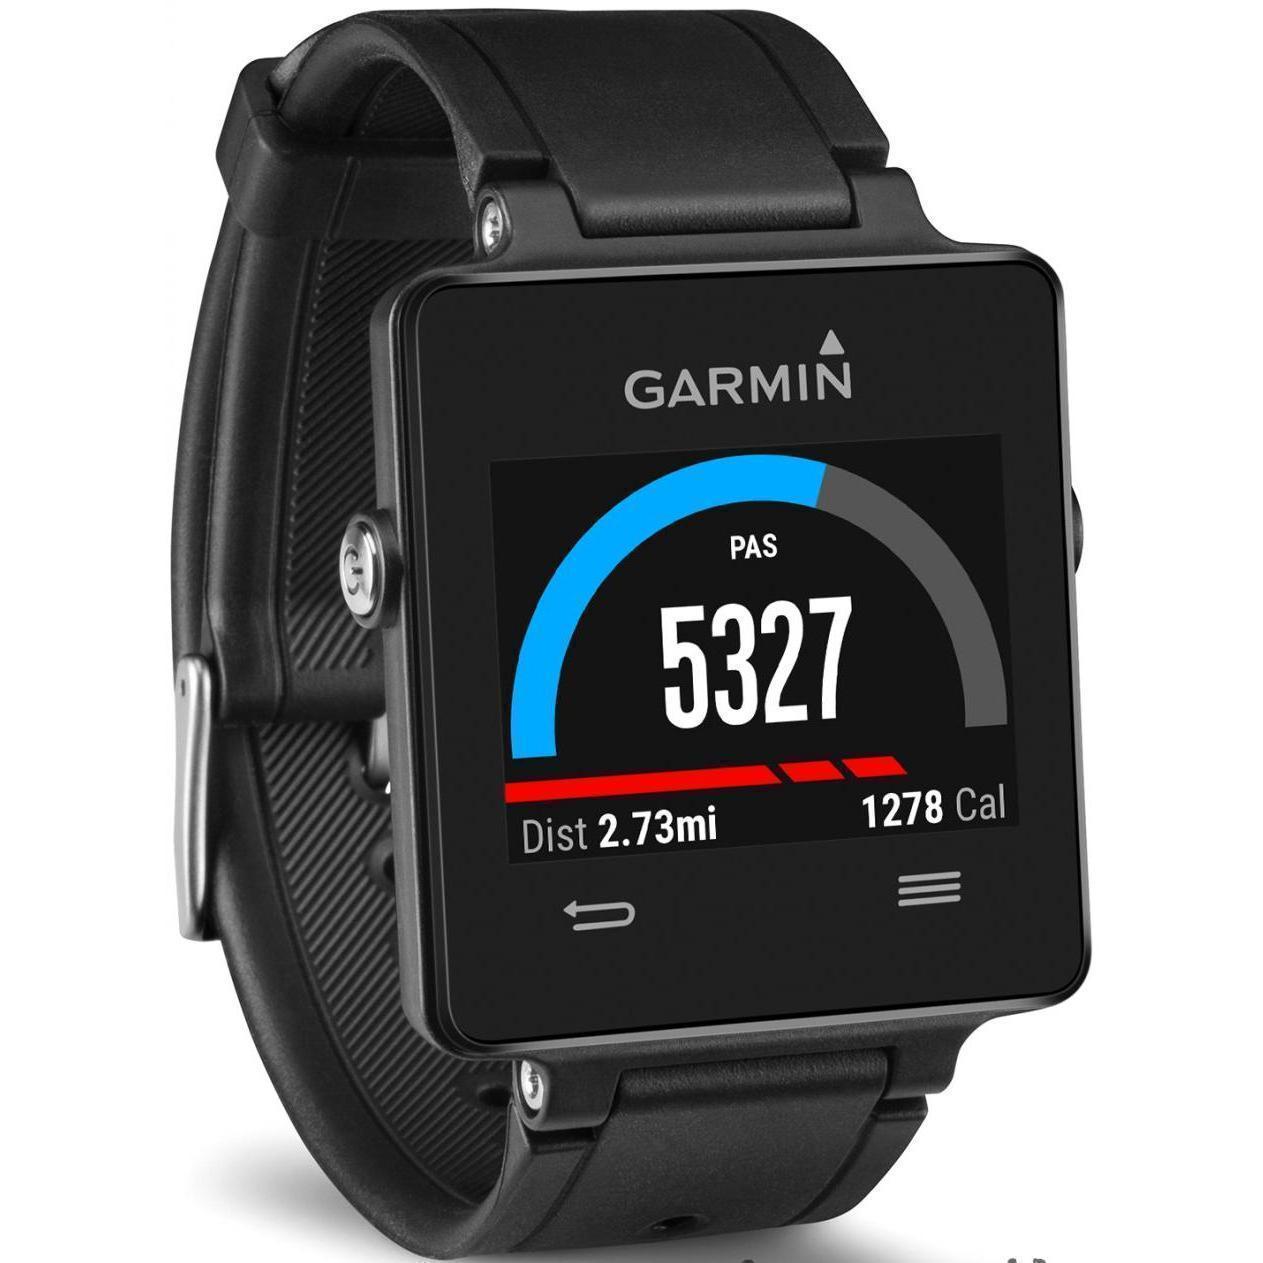 GARMIN - Montre cardio GARMIN Vivoactive - Noir